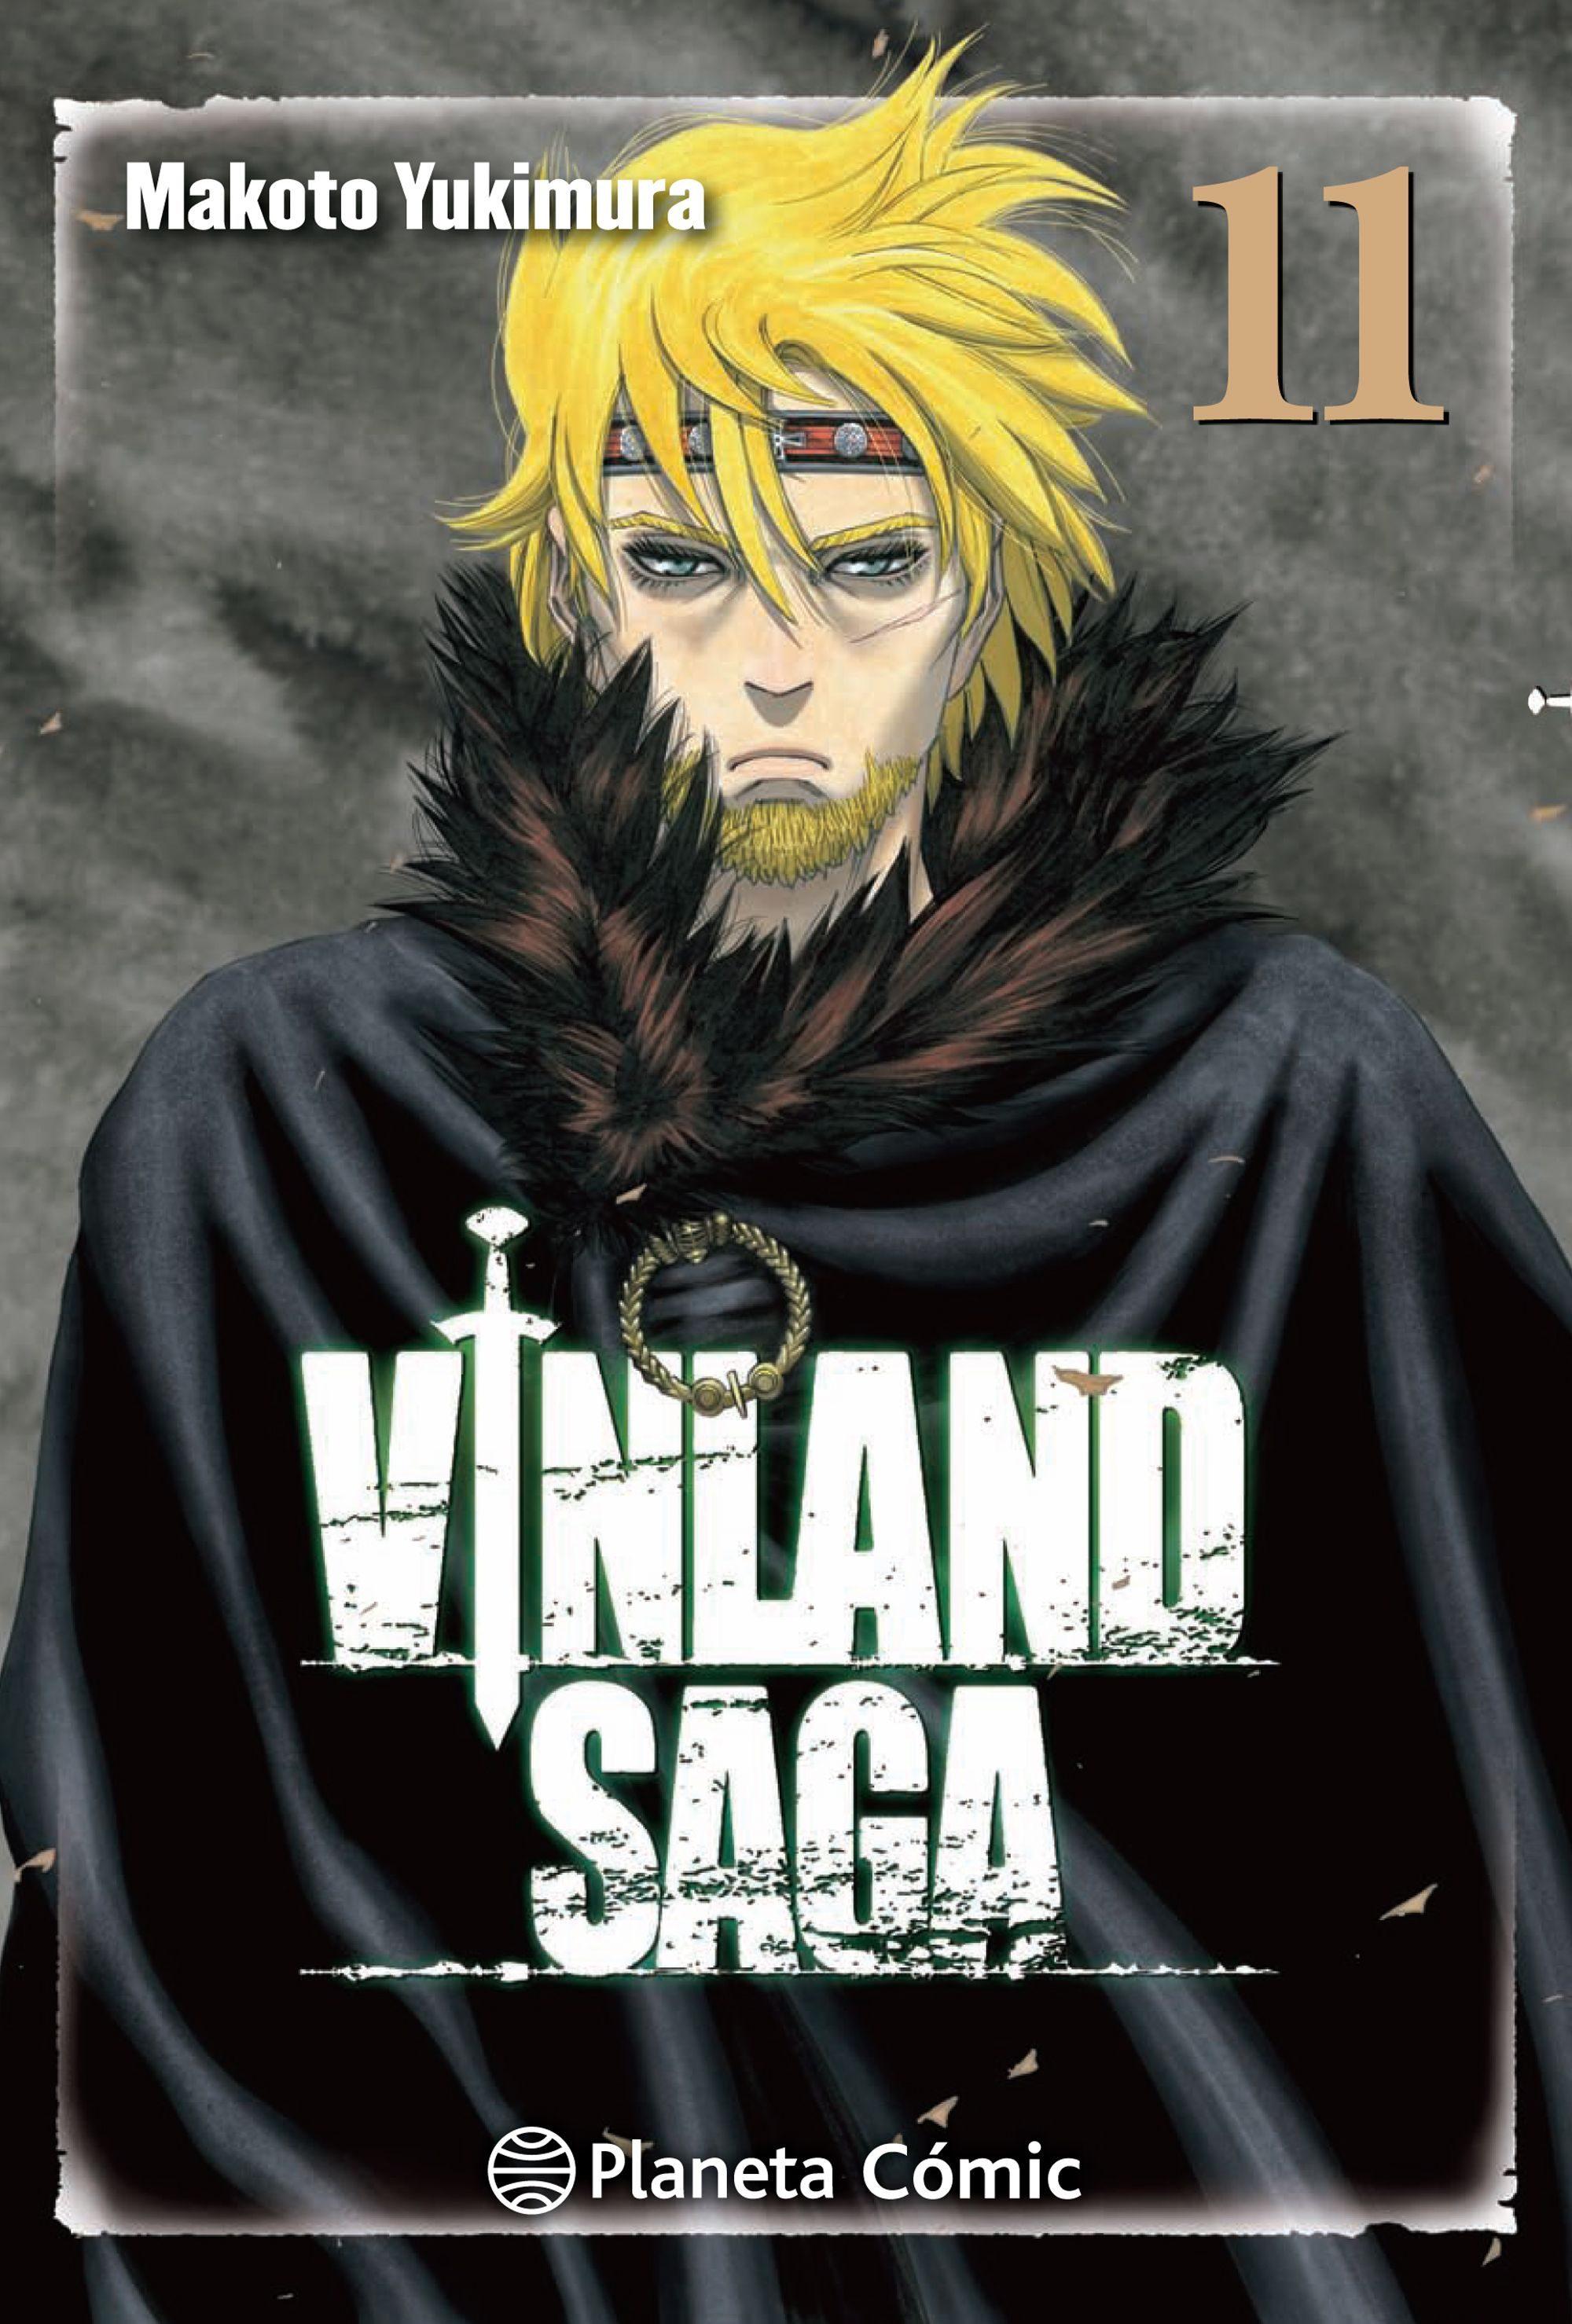 Vinland Saga 11 - Makoto Yukimura - Planeta